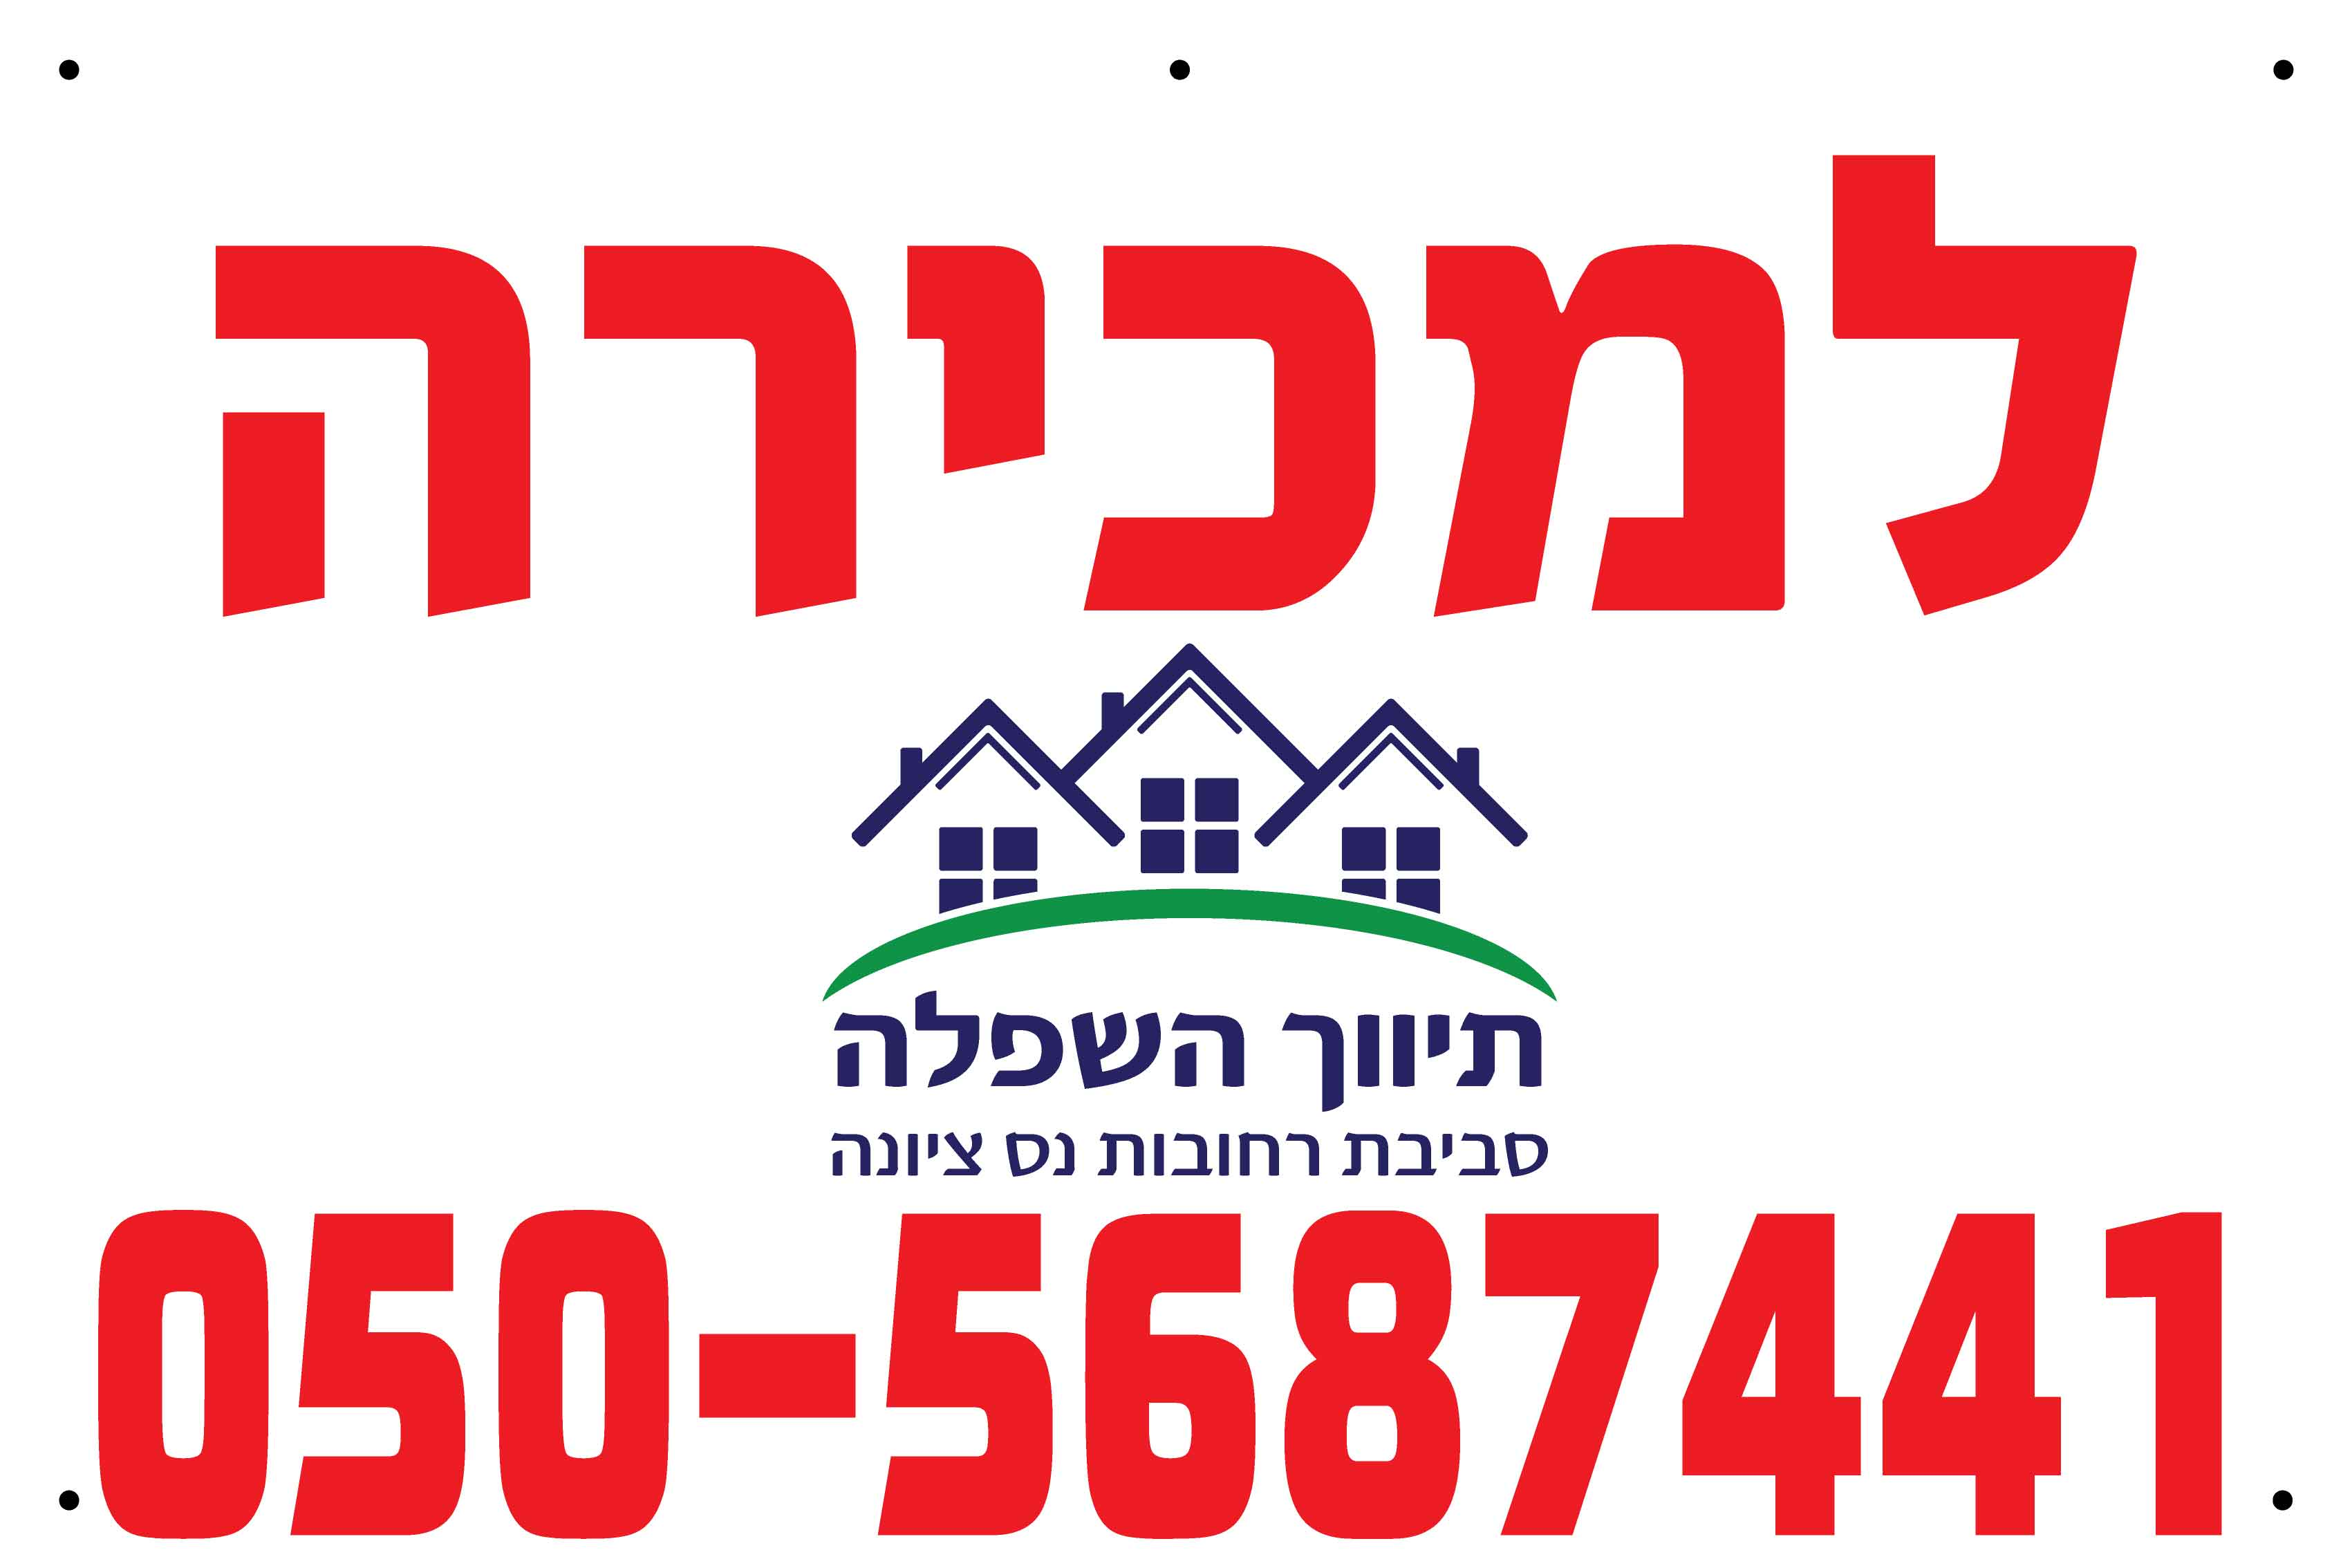 D שלט פוליפרופילן לבן למתווכים 10 יח' דירה למכירה 80/120  ס''מ